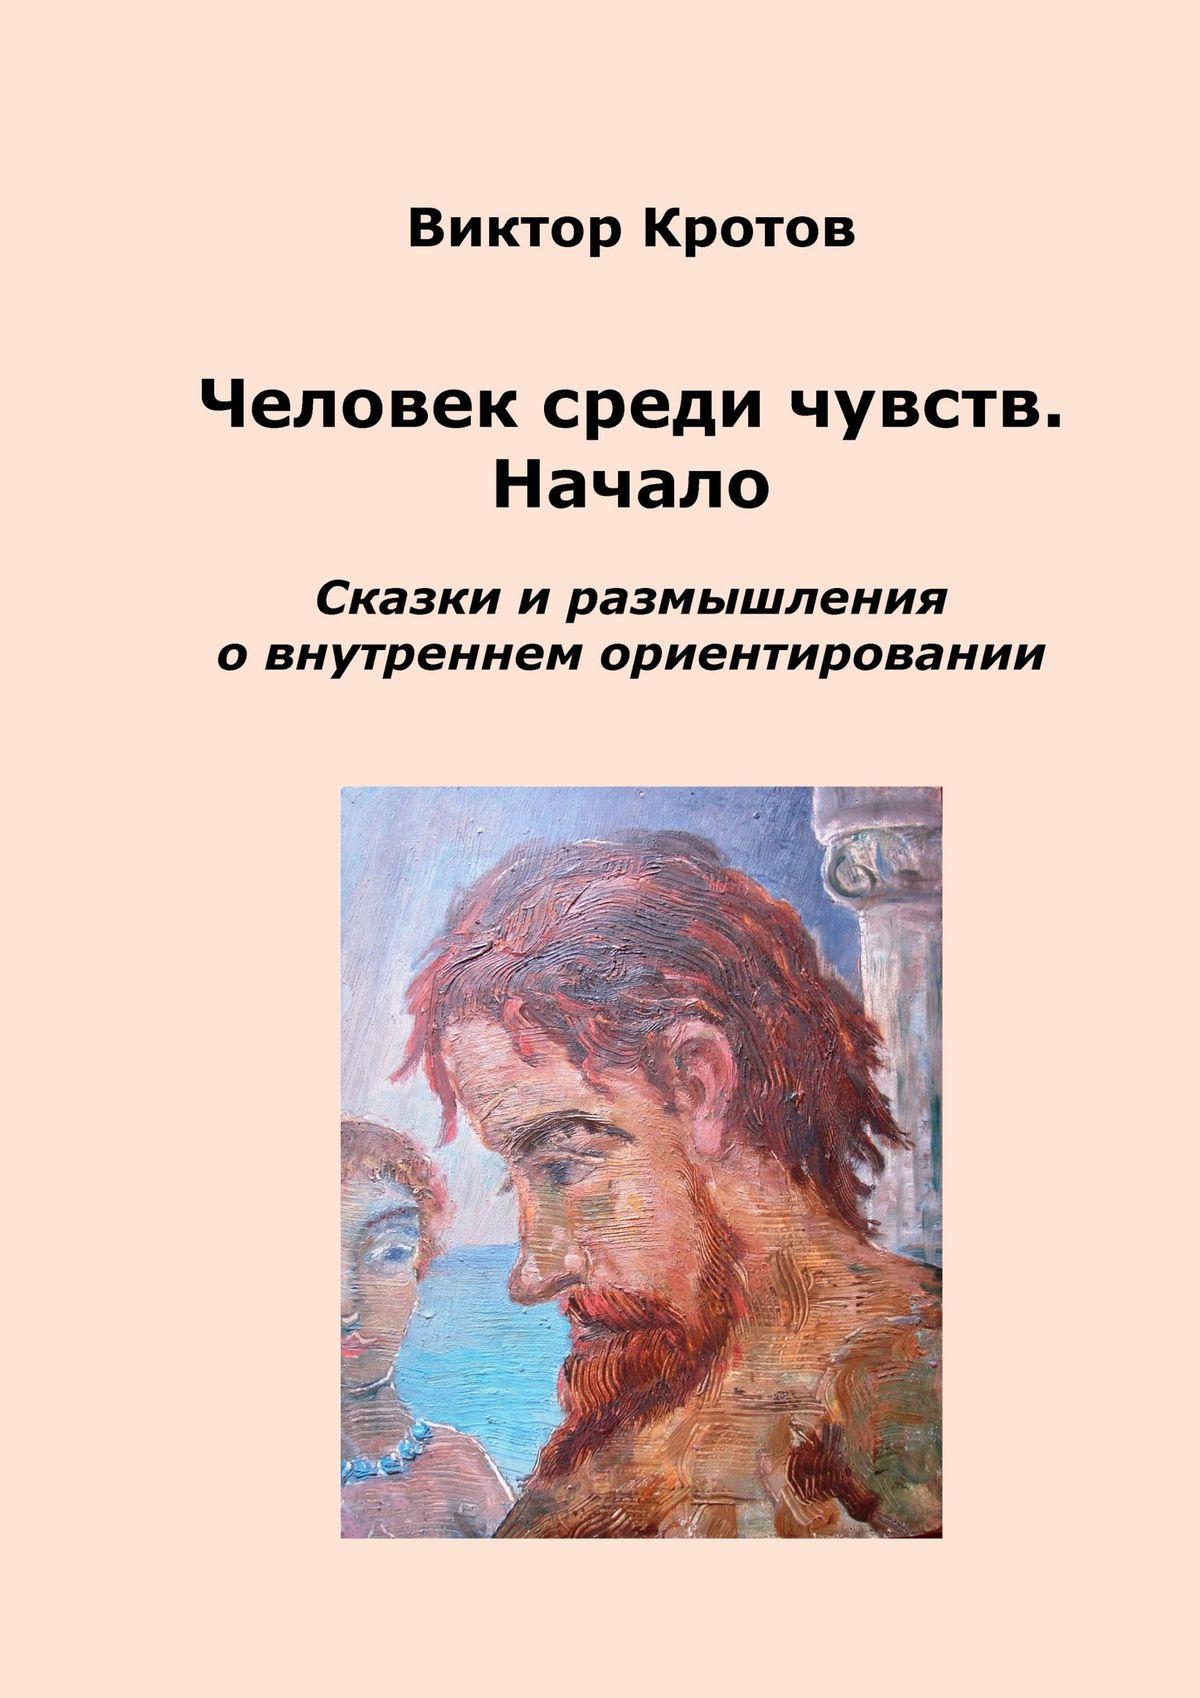 Виктор Кротов Человек среди чувств. Начало. Сказки и размышления о внутреннем ориентировании